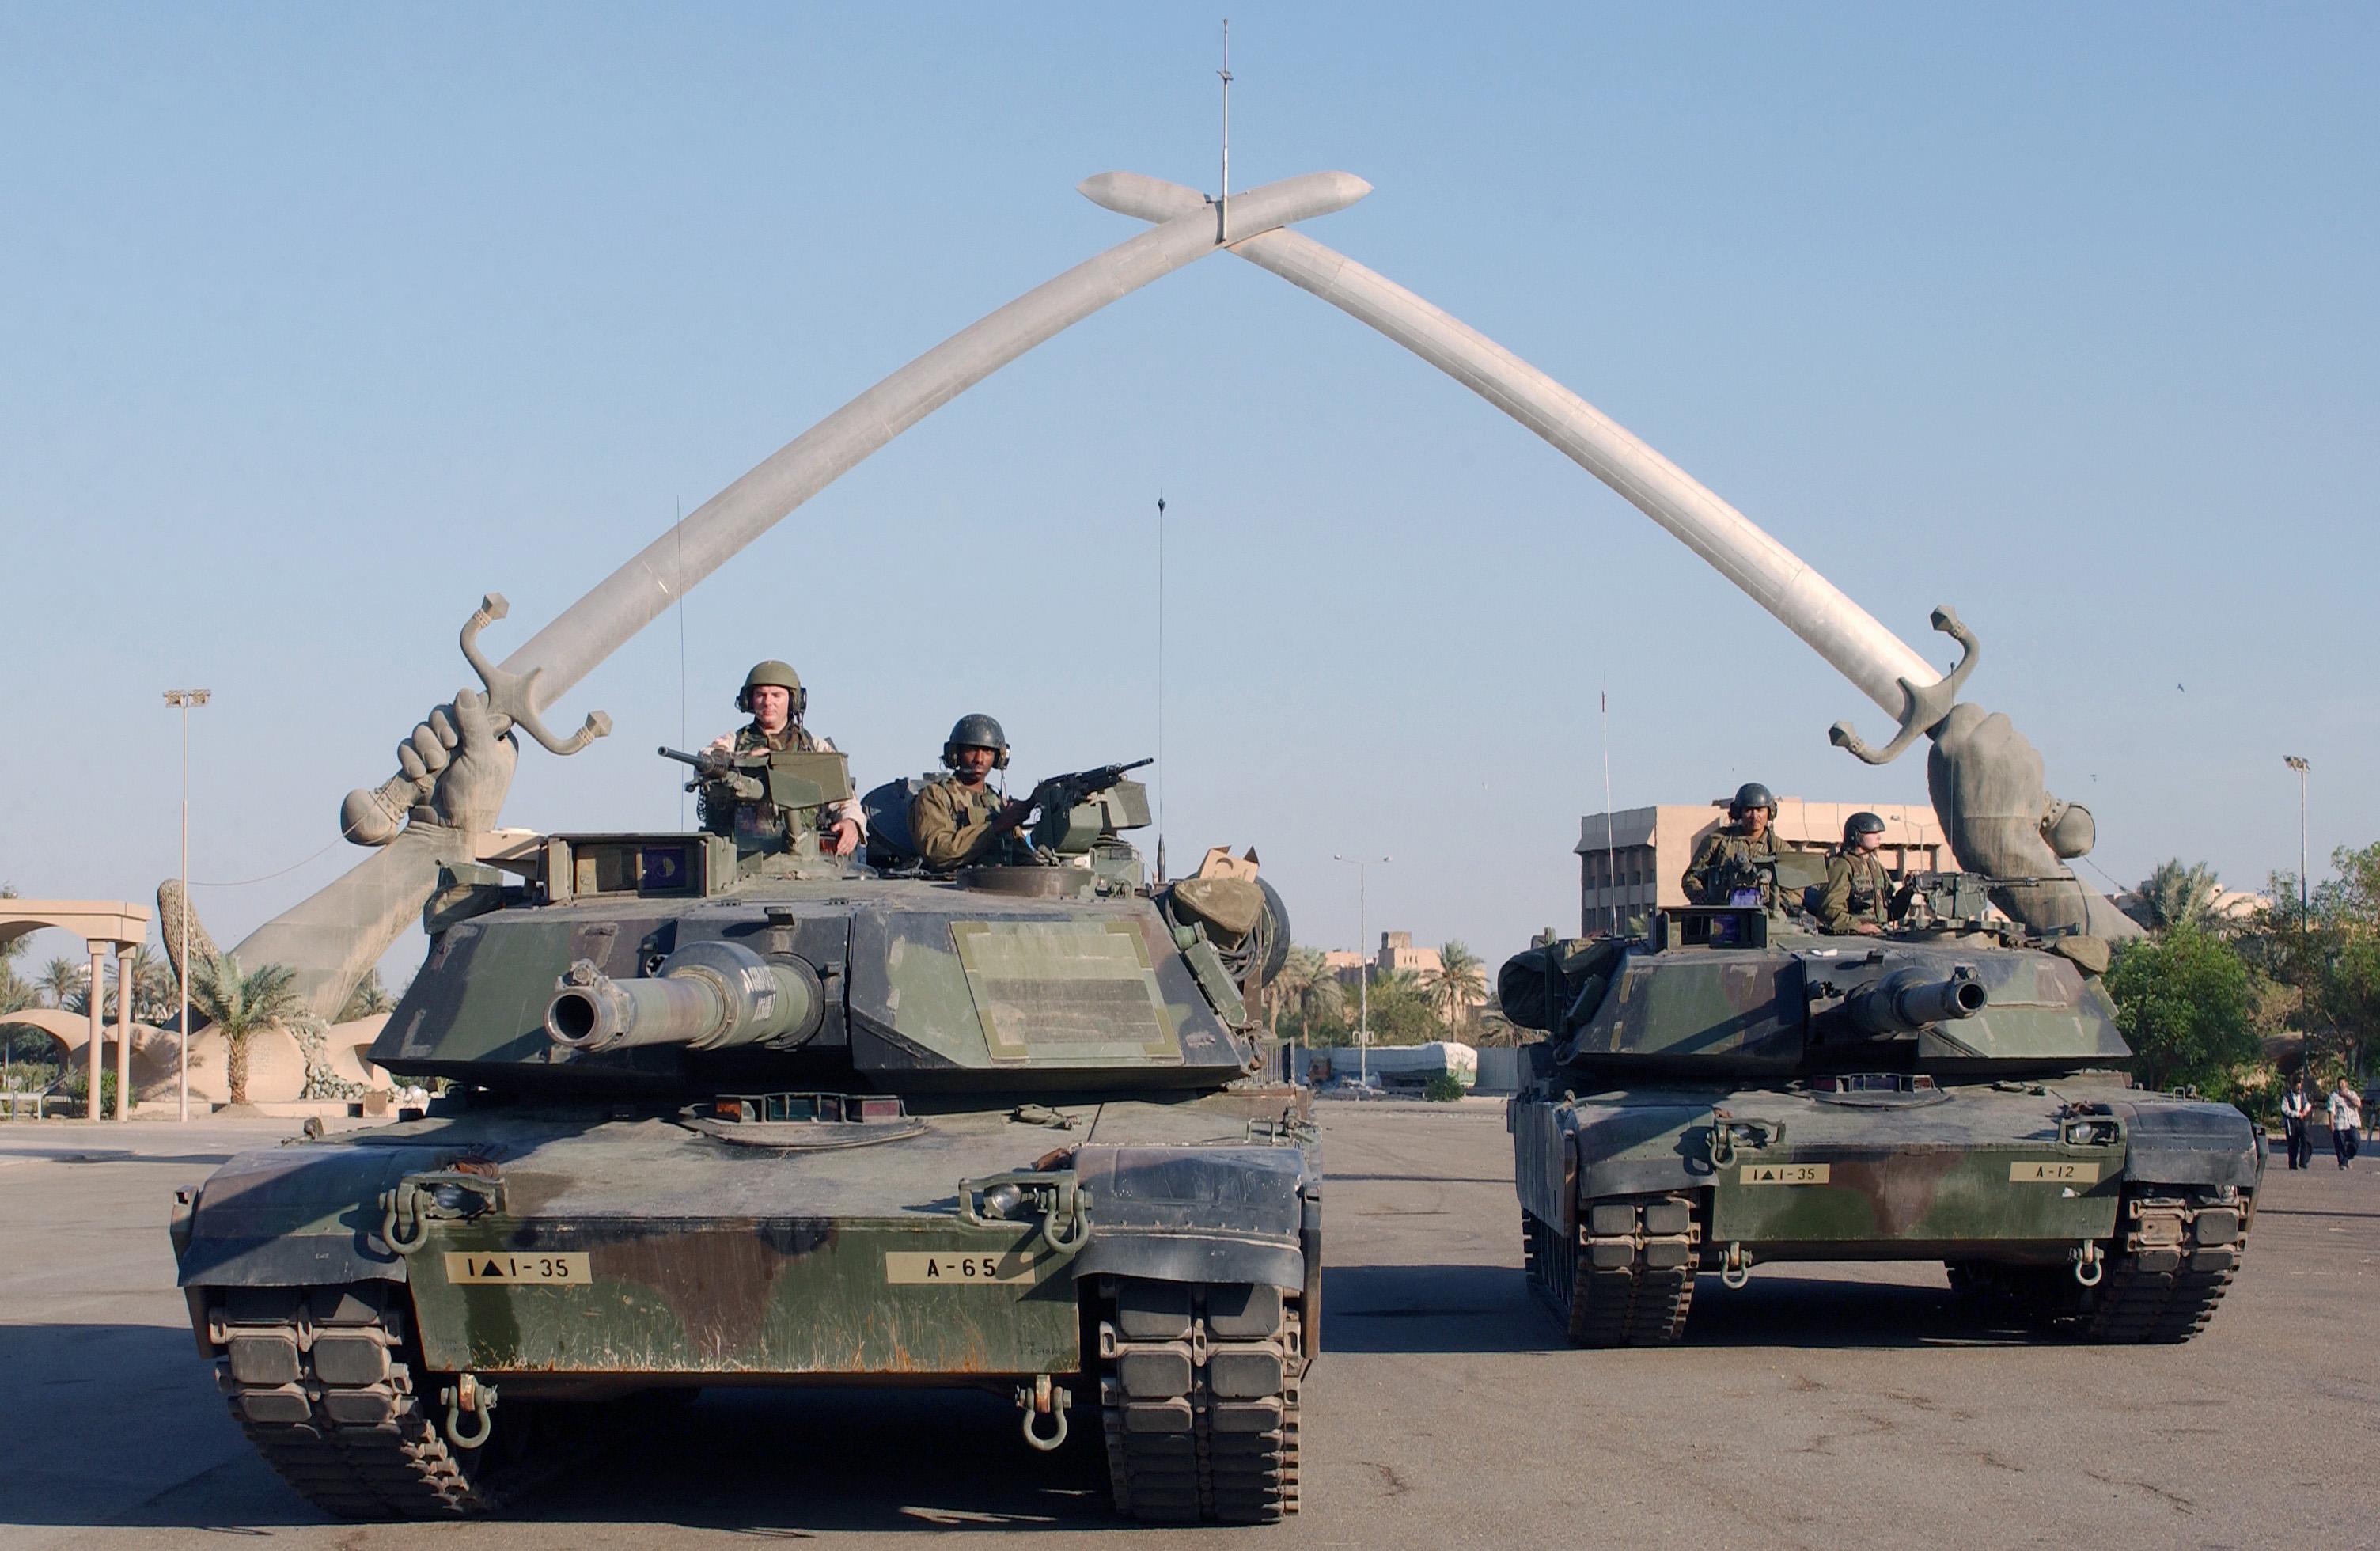 """تقرير """"تشيلكوت"""": غزو العراق قام على معلومات استخباراتية ناقصة وأخطاء في التقدير"""